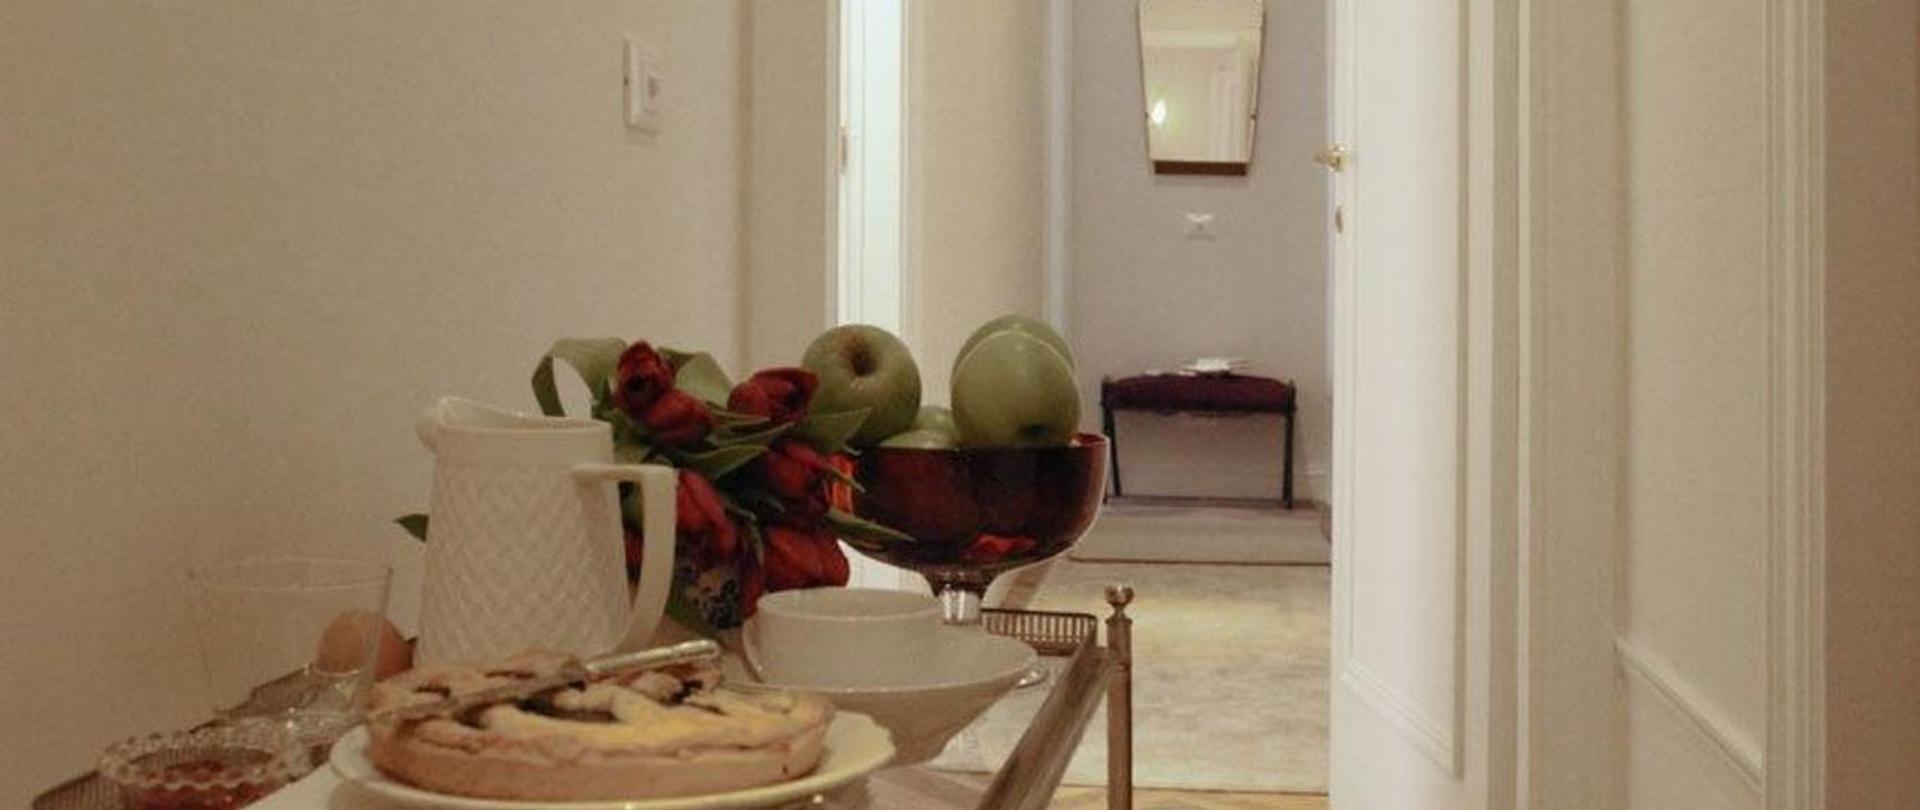 corridoio-con-colazione.jpg